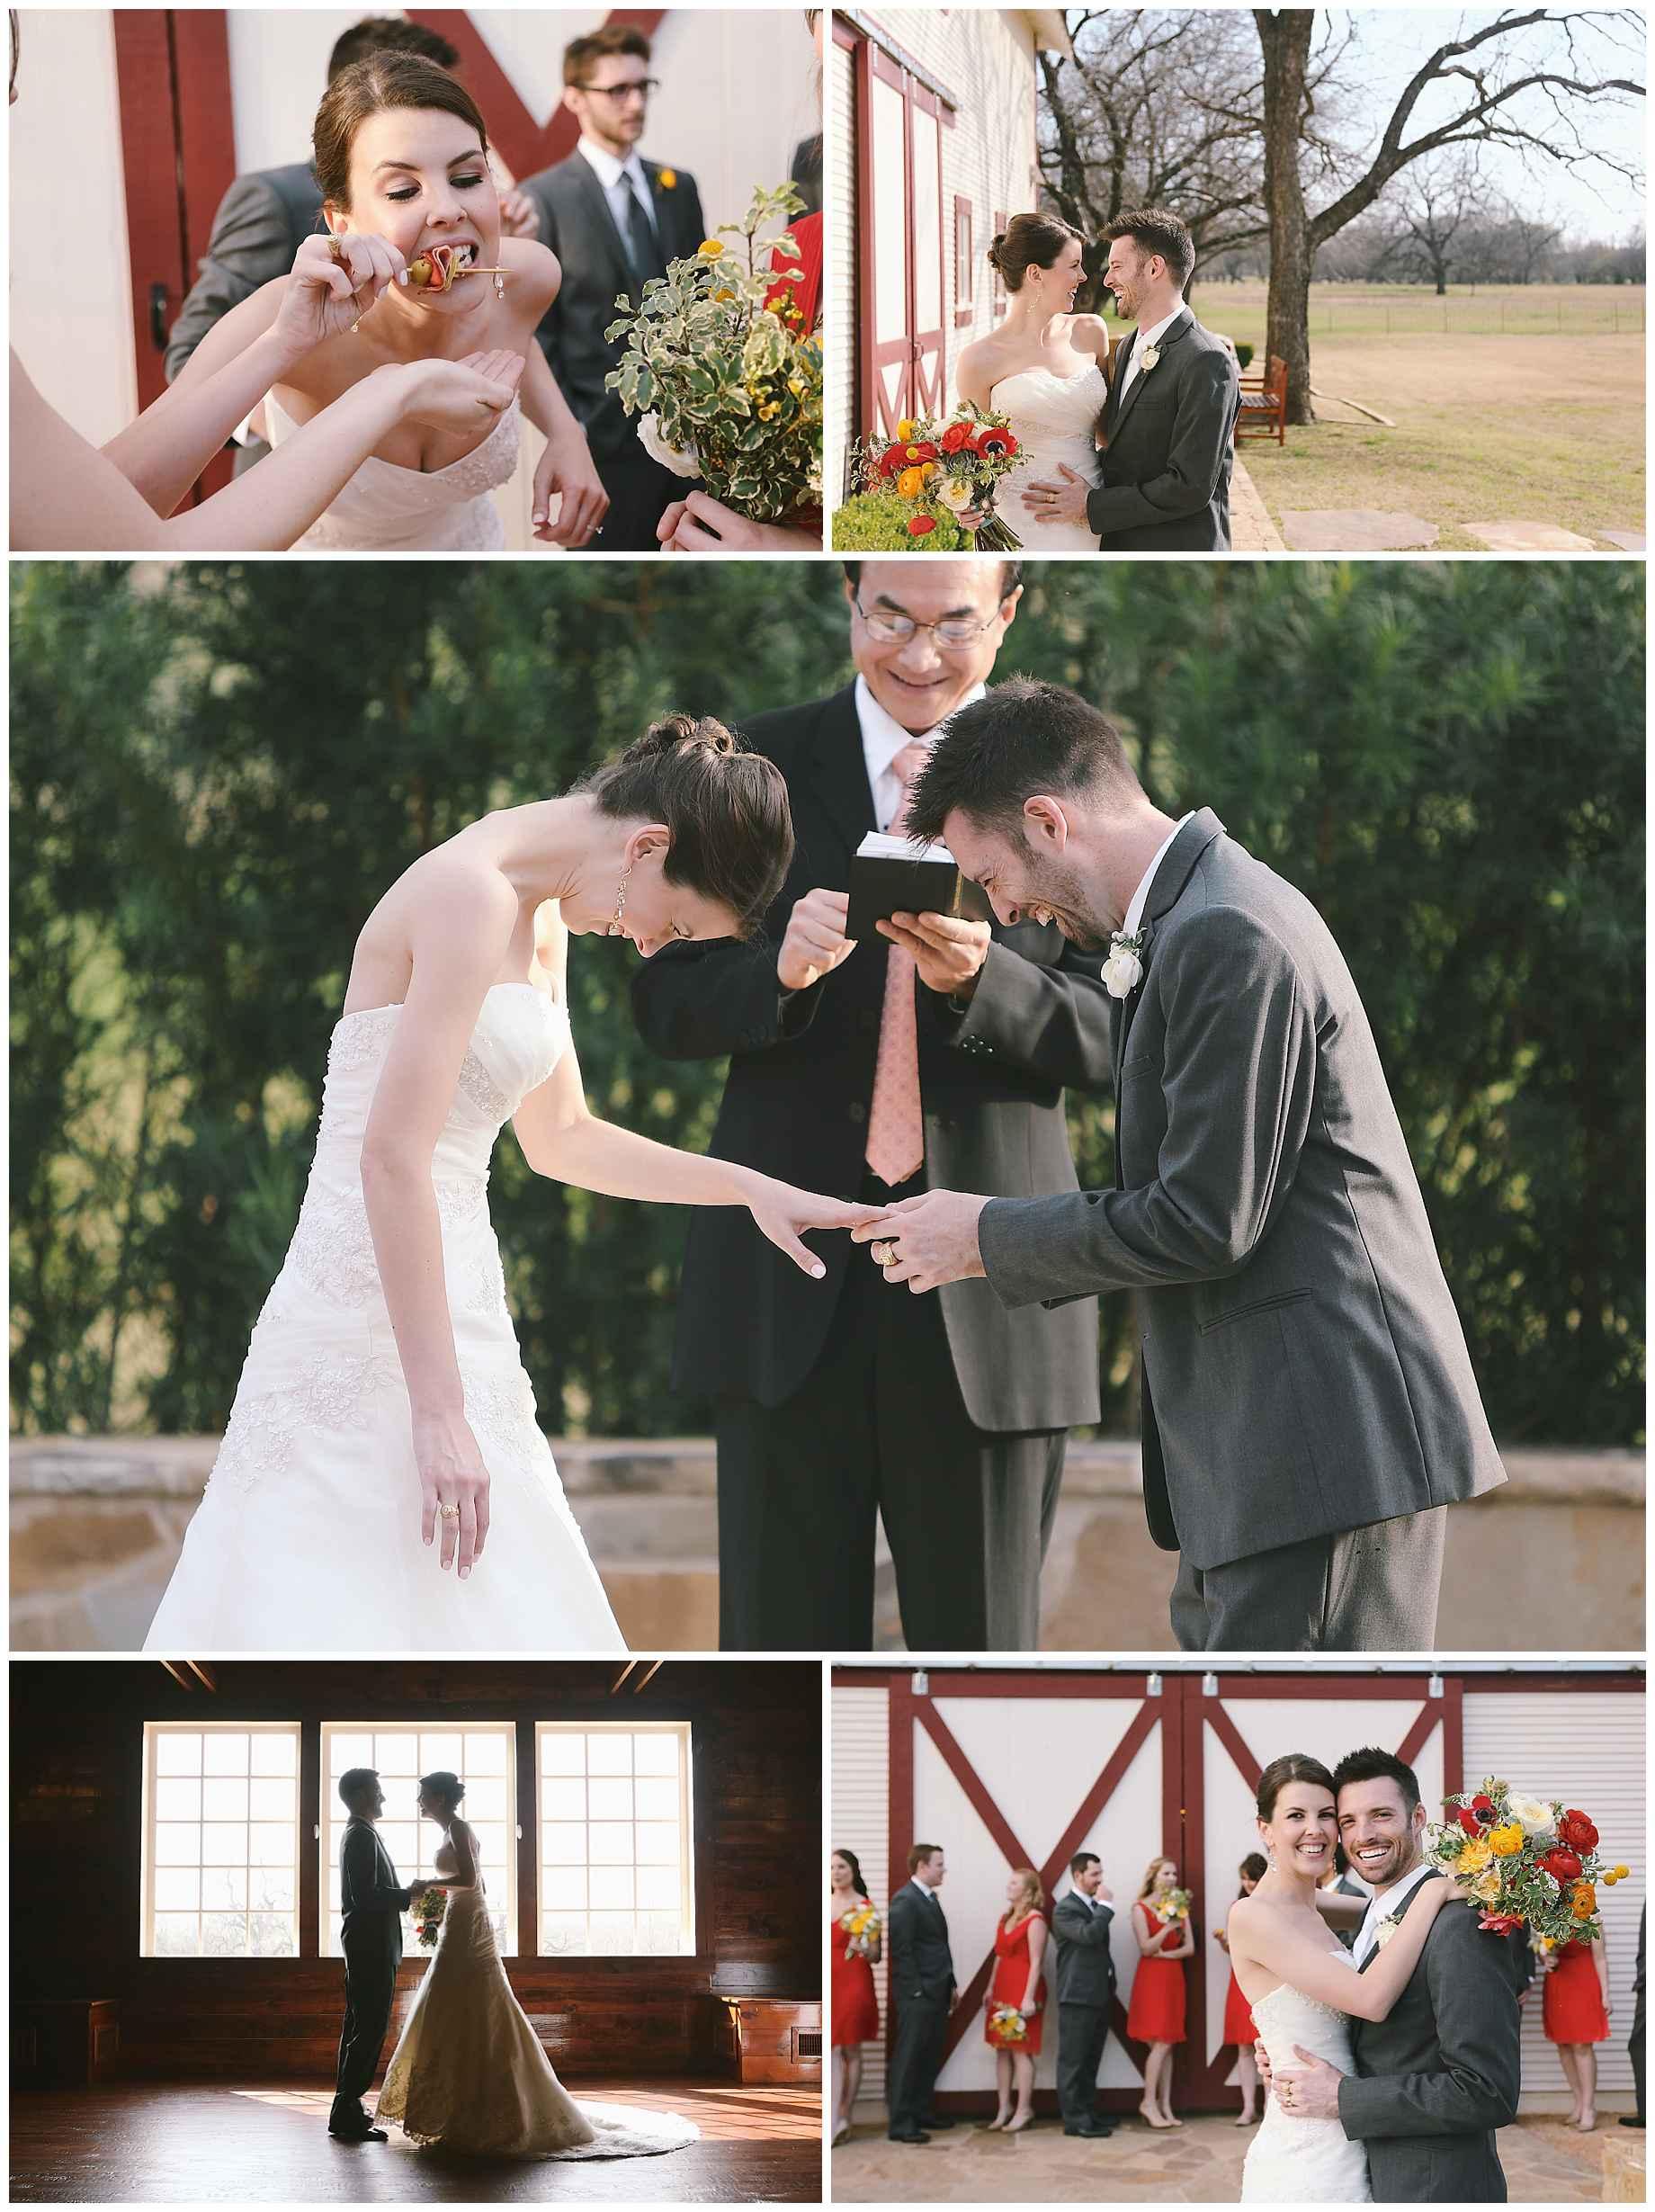 howell-family-farms-wedding-photos-04